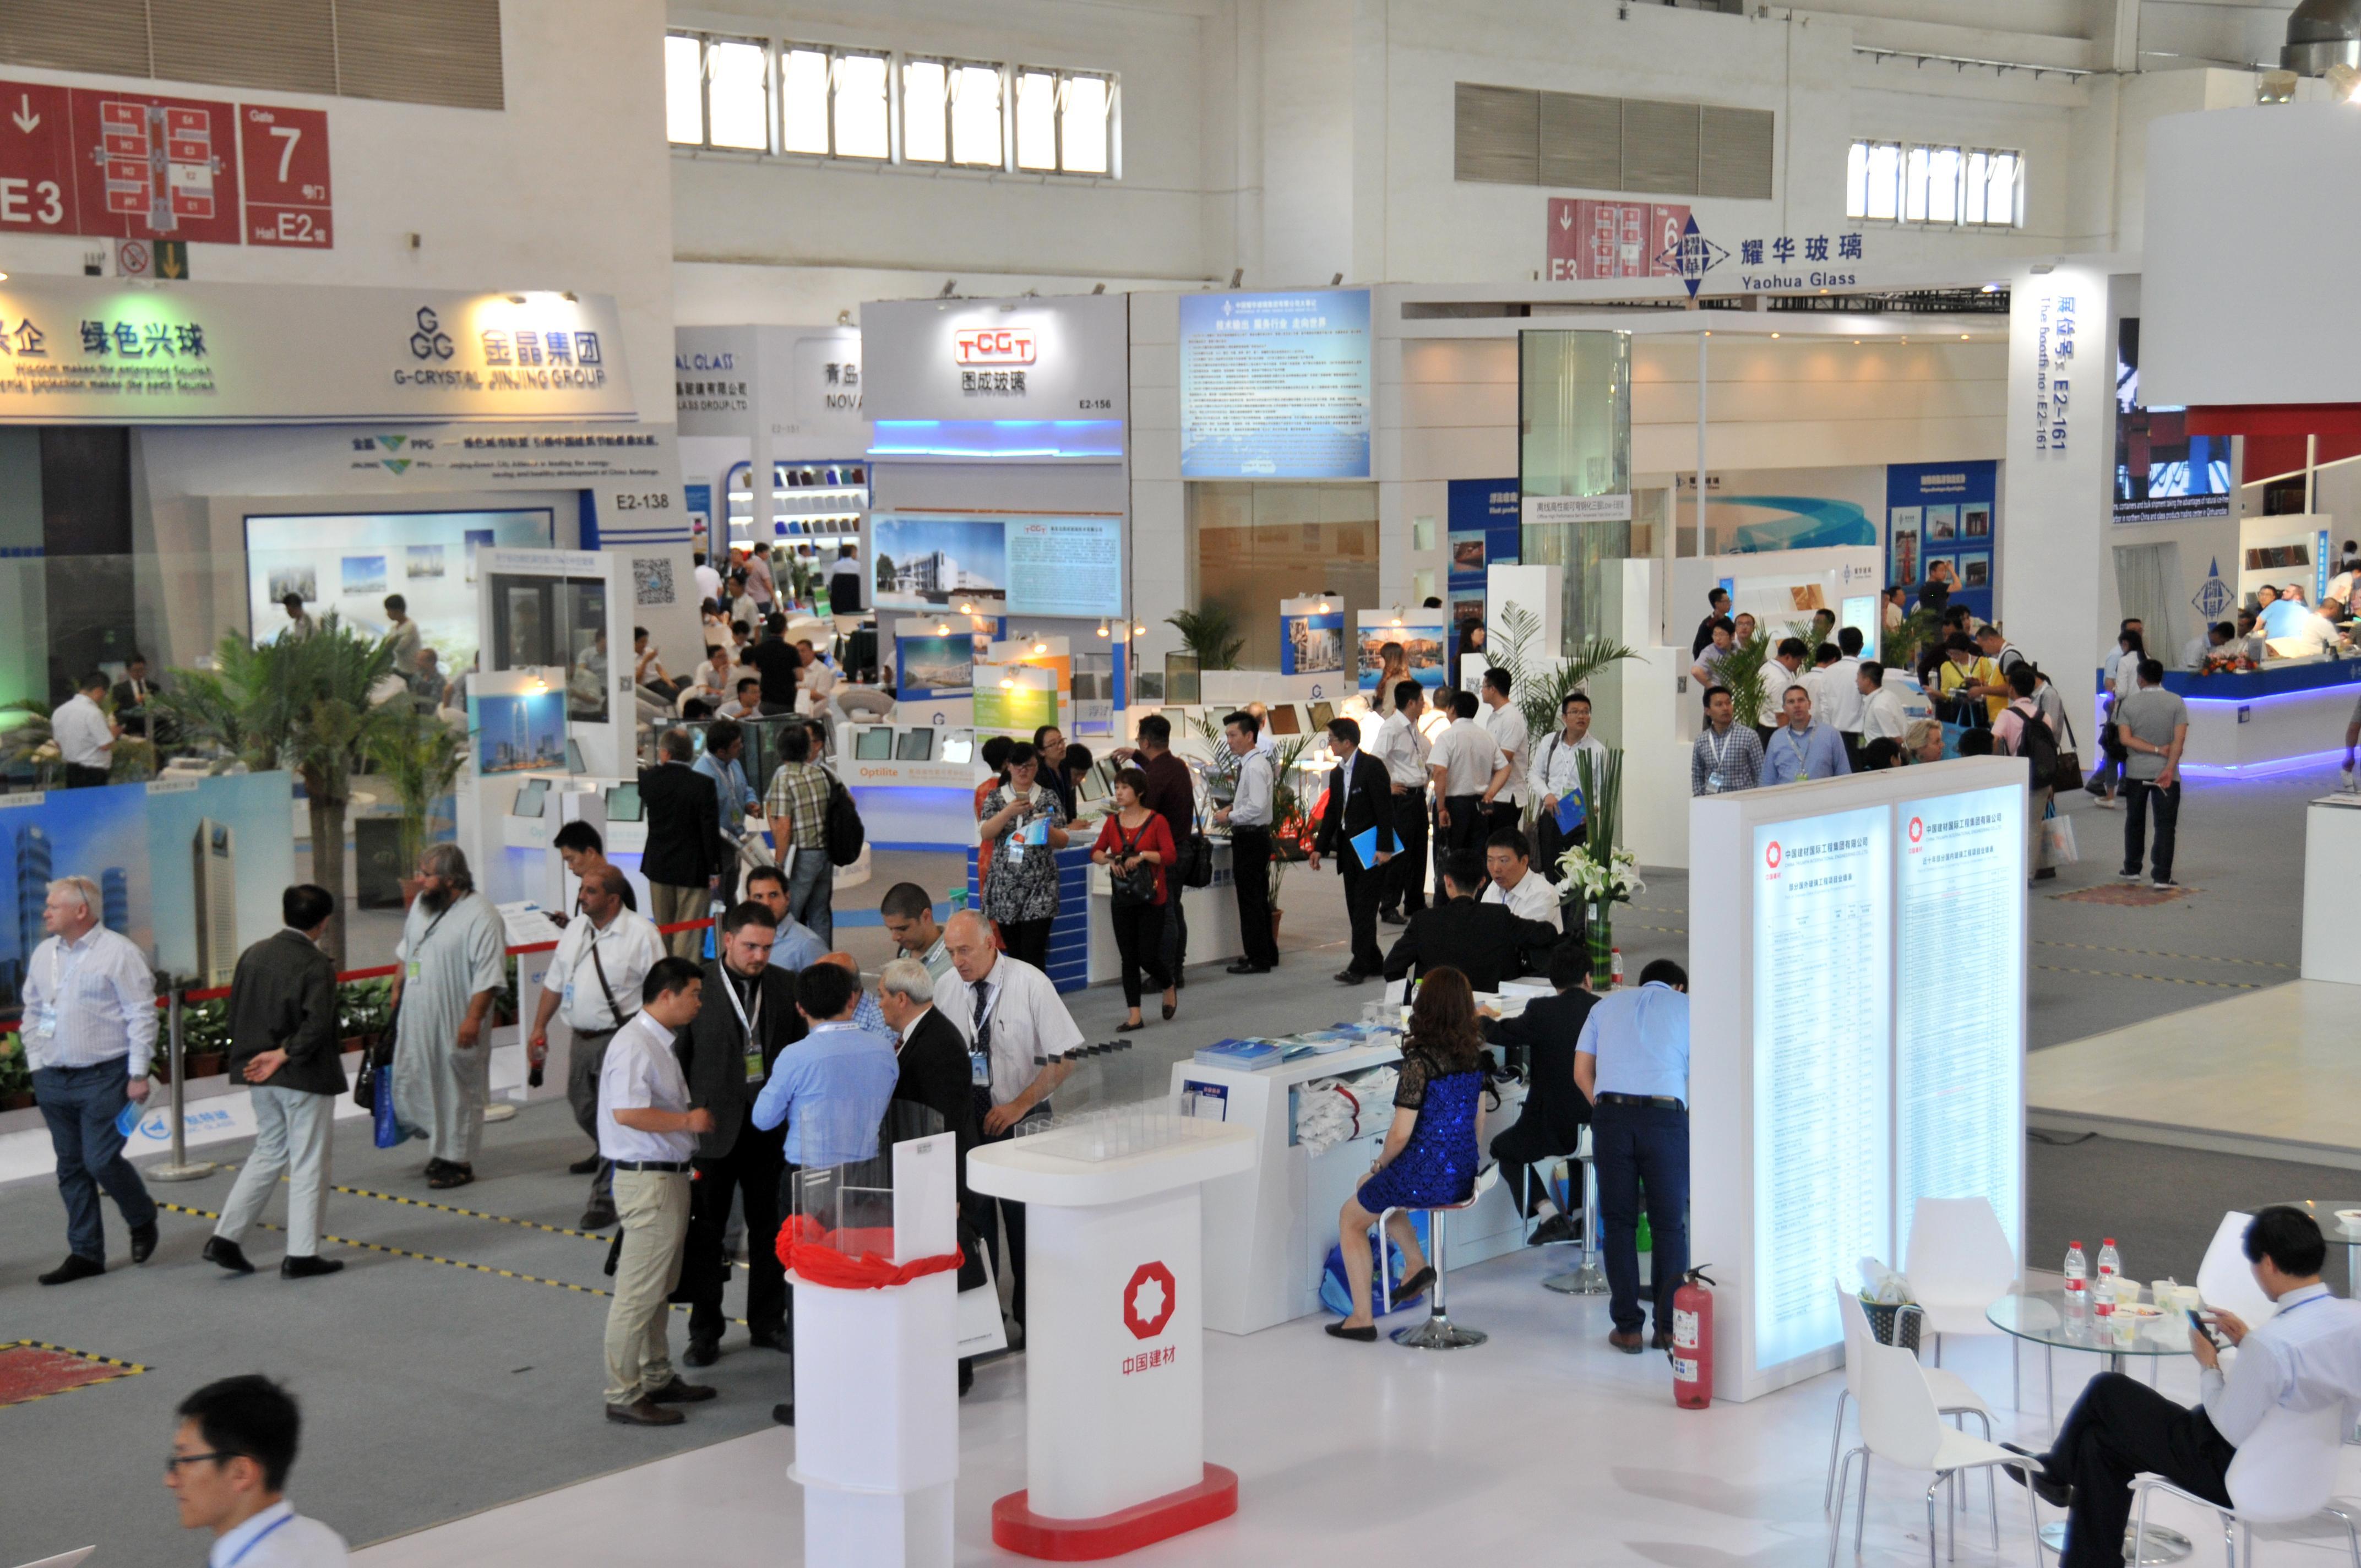 China | Feira China Glass - Pequim - De 24 à 27 de Maio de 2017 | Pacote Feiras Internacionais